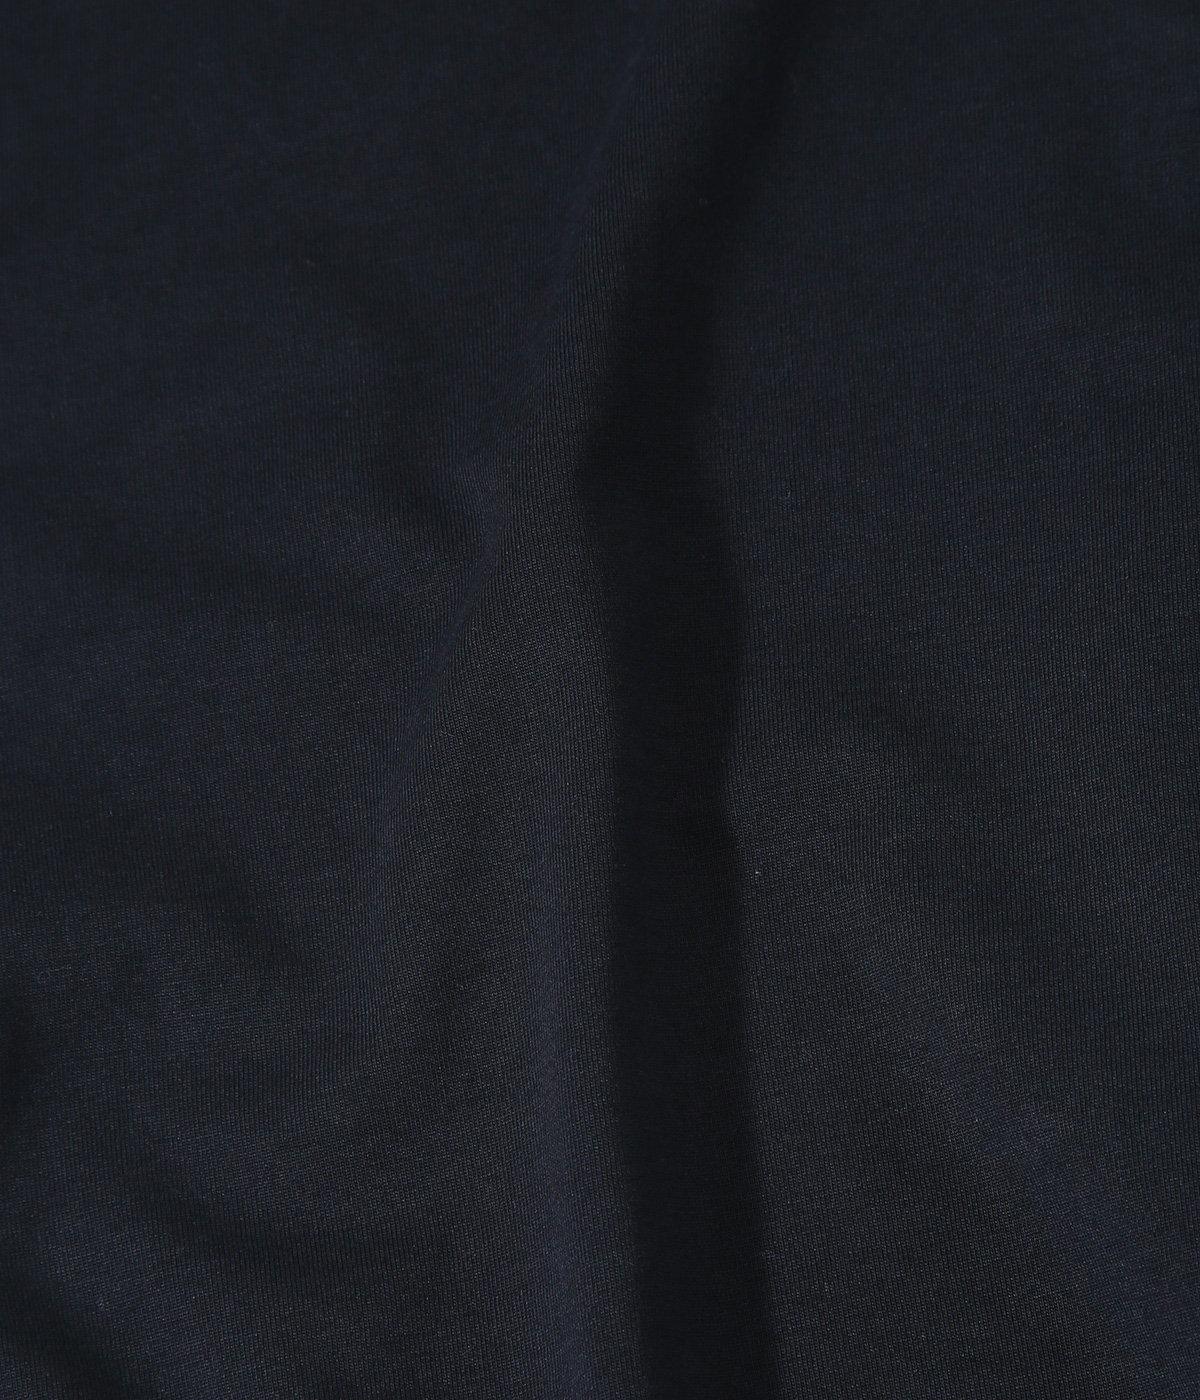 【レディース】ORGANIC COTTON COMPACT JERSEY HALF ZIP HI NECK L/S TEE